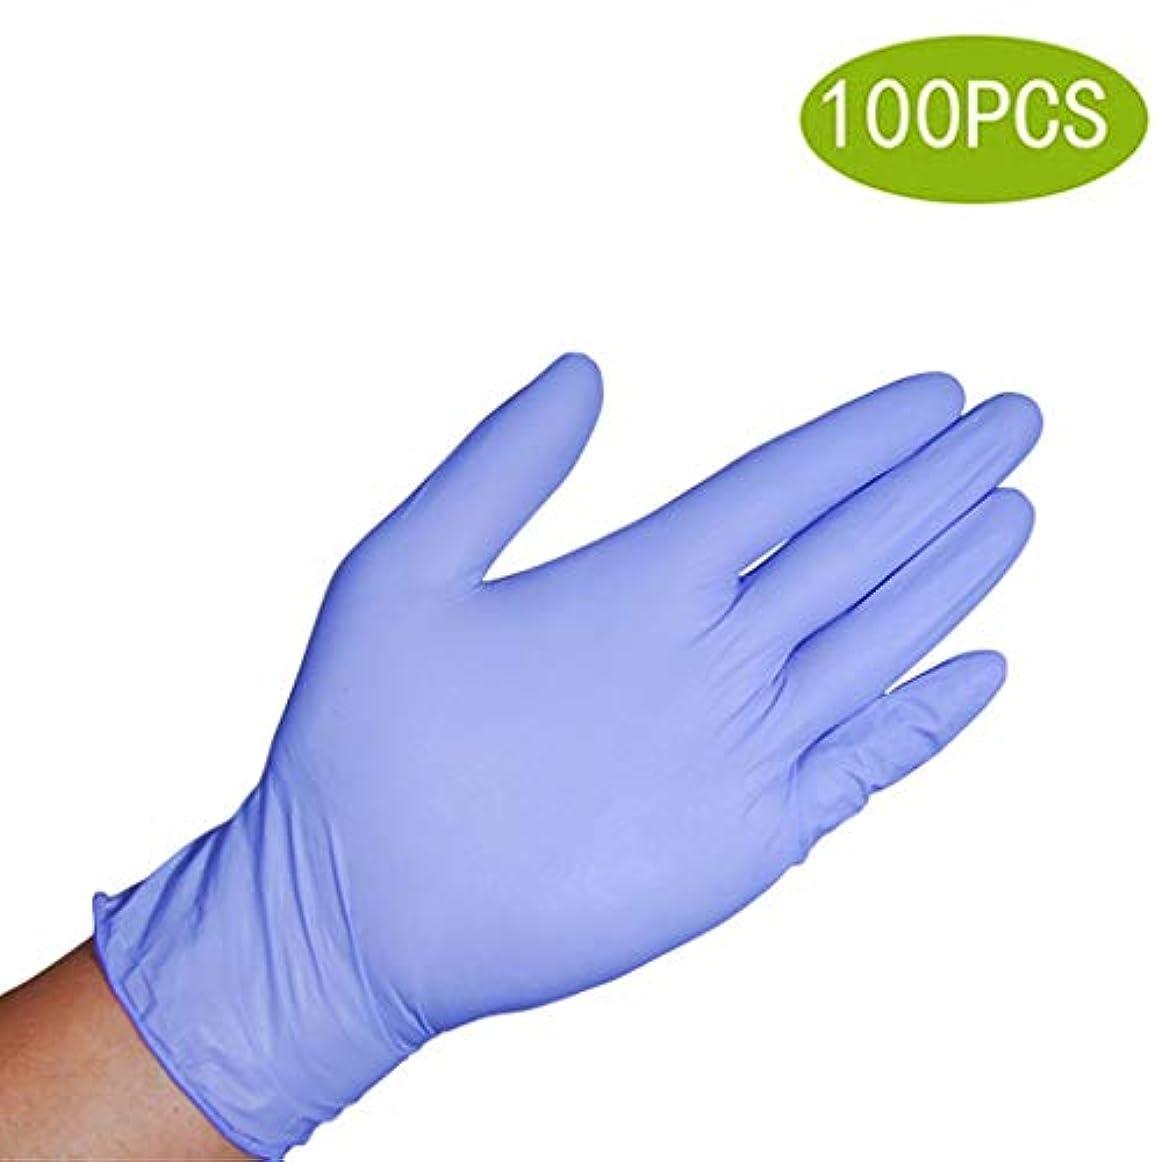 金銭的スティーブンソン添加ラテックス手袋子供用手袋、4?10年間のニトリル手袋 - ラテックスフリー、食品グレード、パウダーフリー - クラフト、絵画、ガーデニング、調理、クリーニング用 - 100個入りパープル (Size : M)